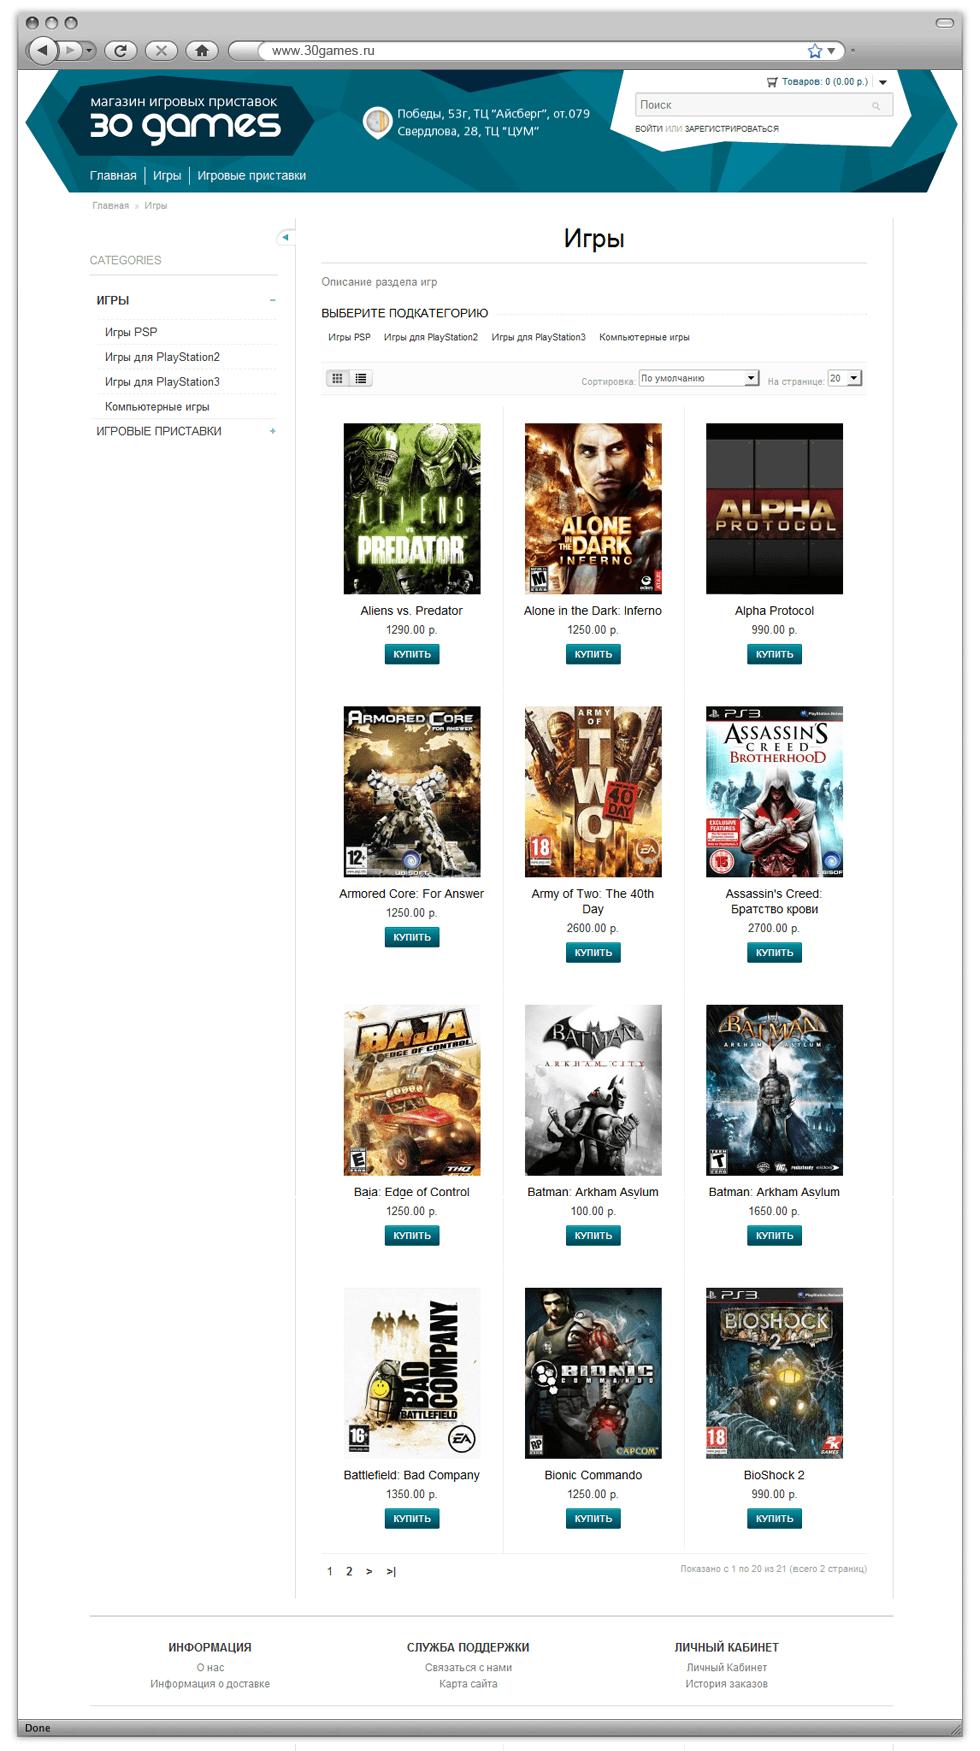 нтернет-магазин по продаже игр и консолей 30games.ru